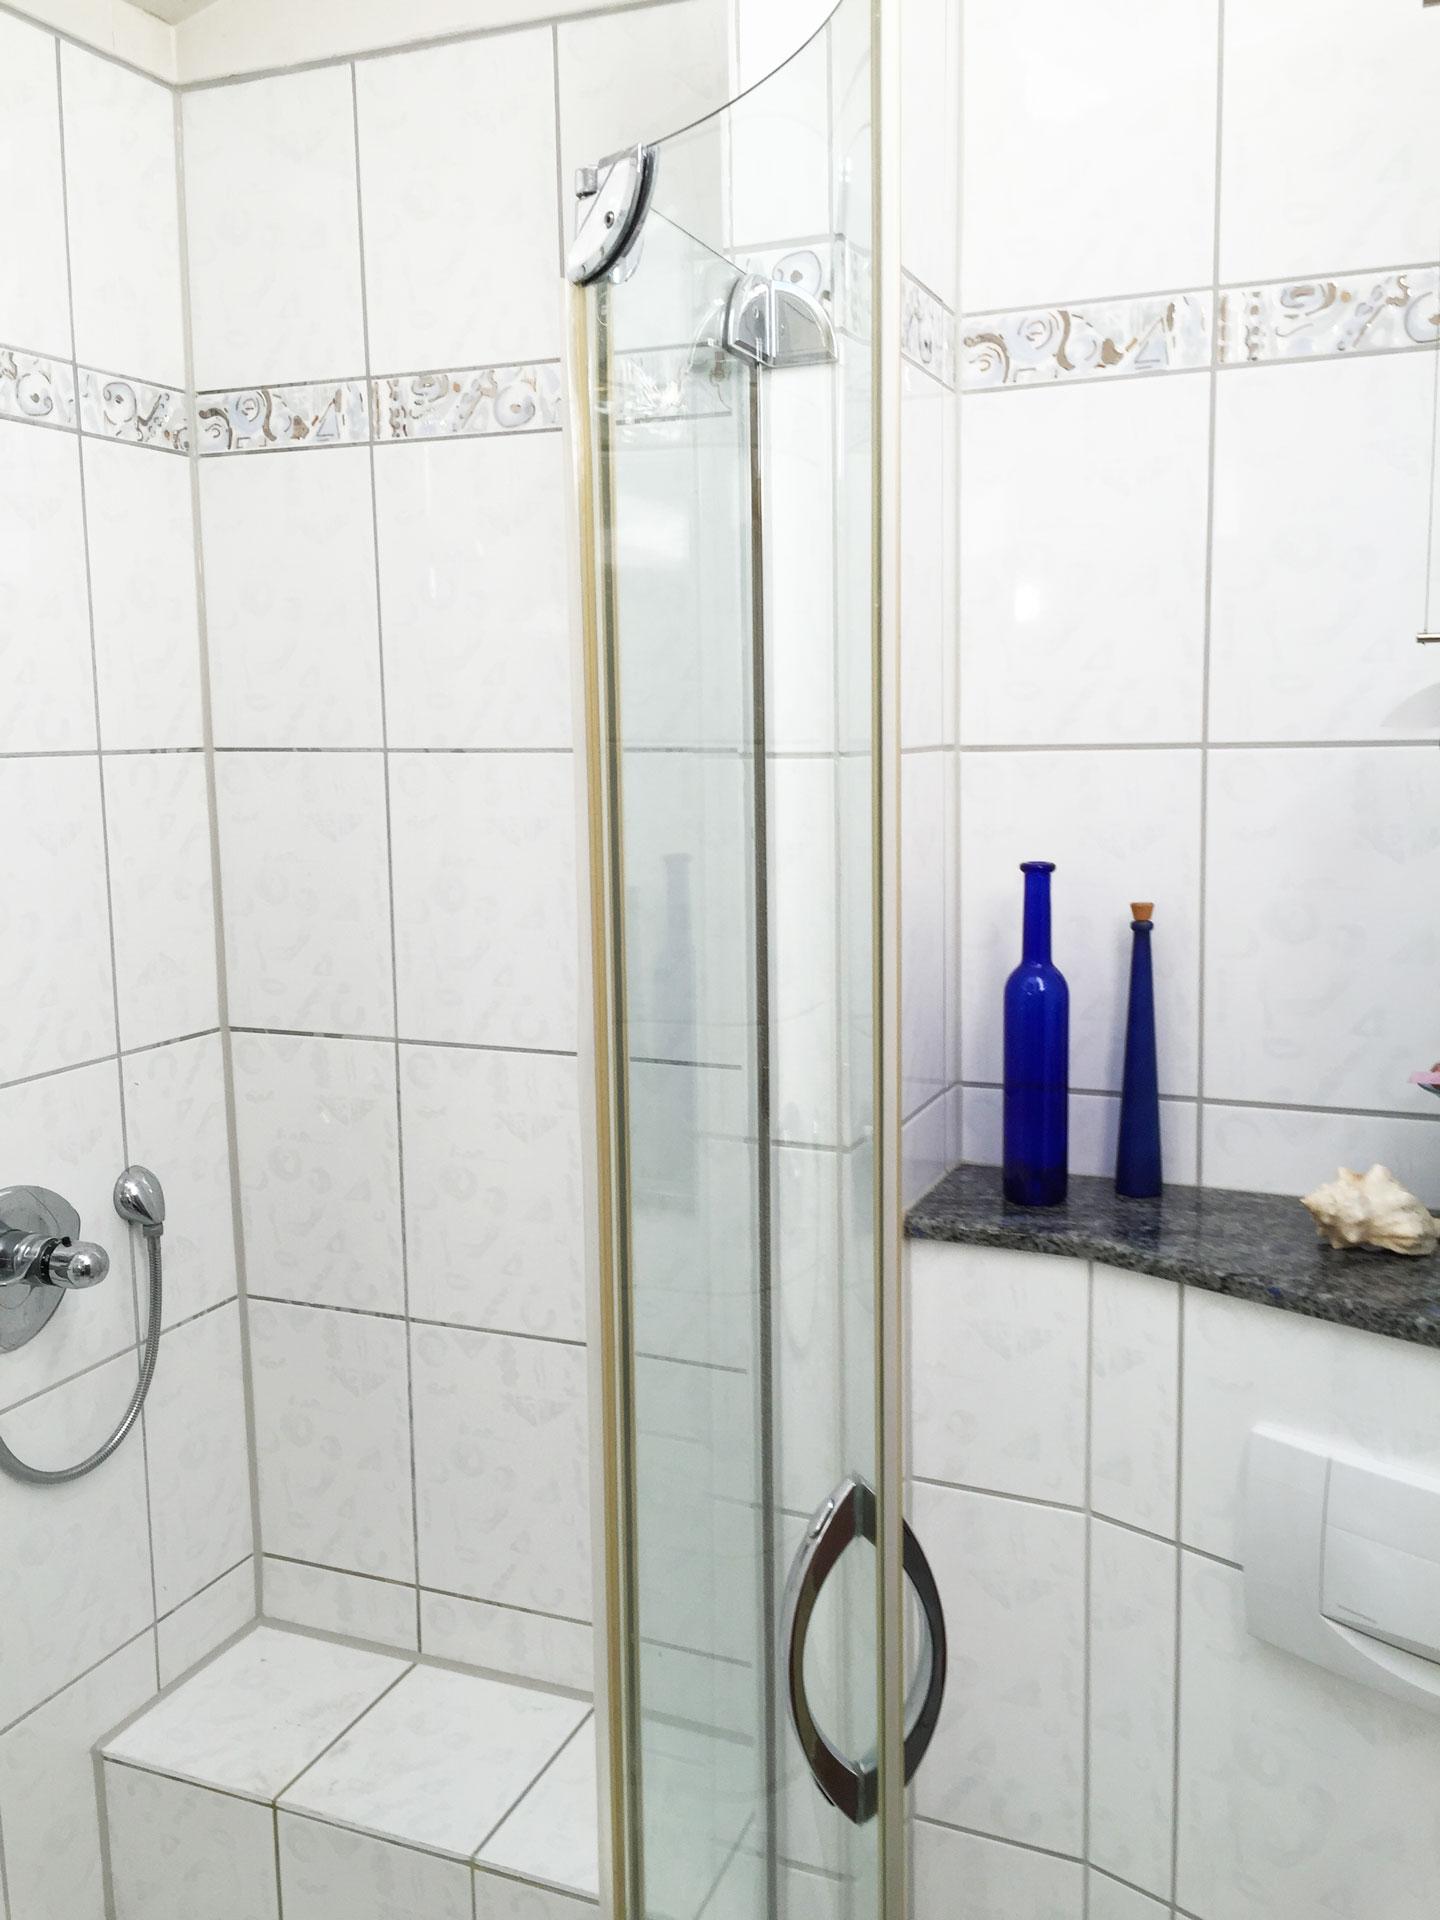 Steinteppich Dusche Anleitung : Dusche Glast?r Kalk : Wir bieten unseren Kunden die Bestellung und